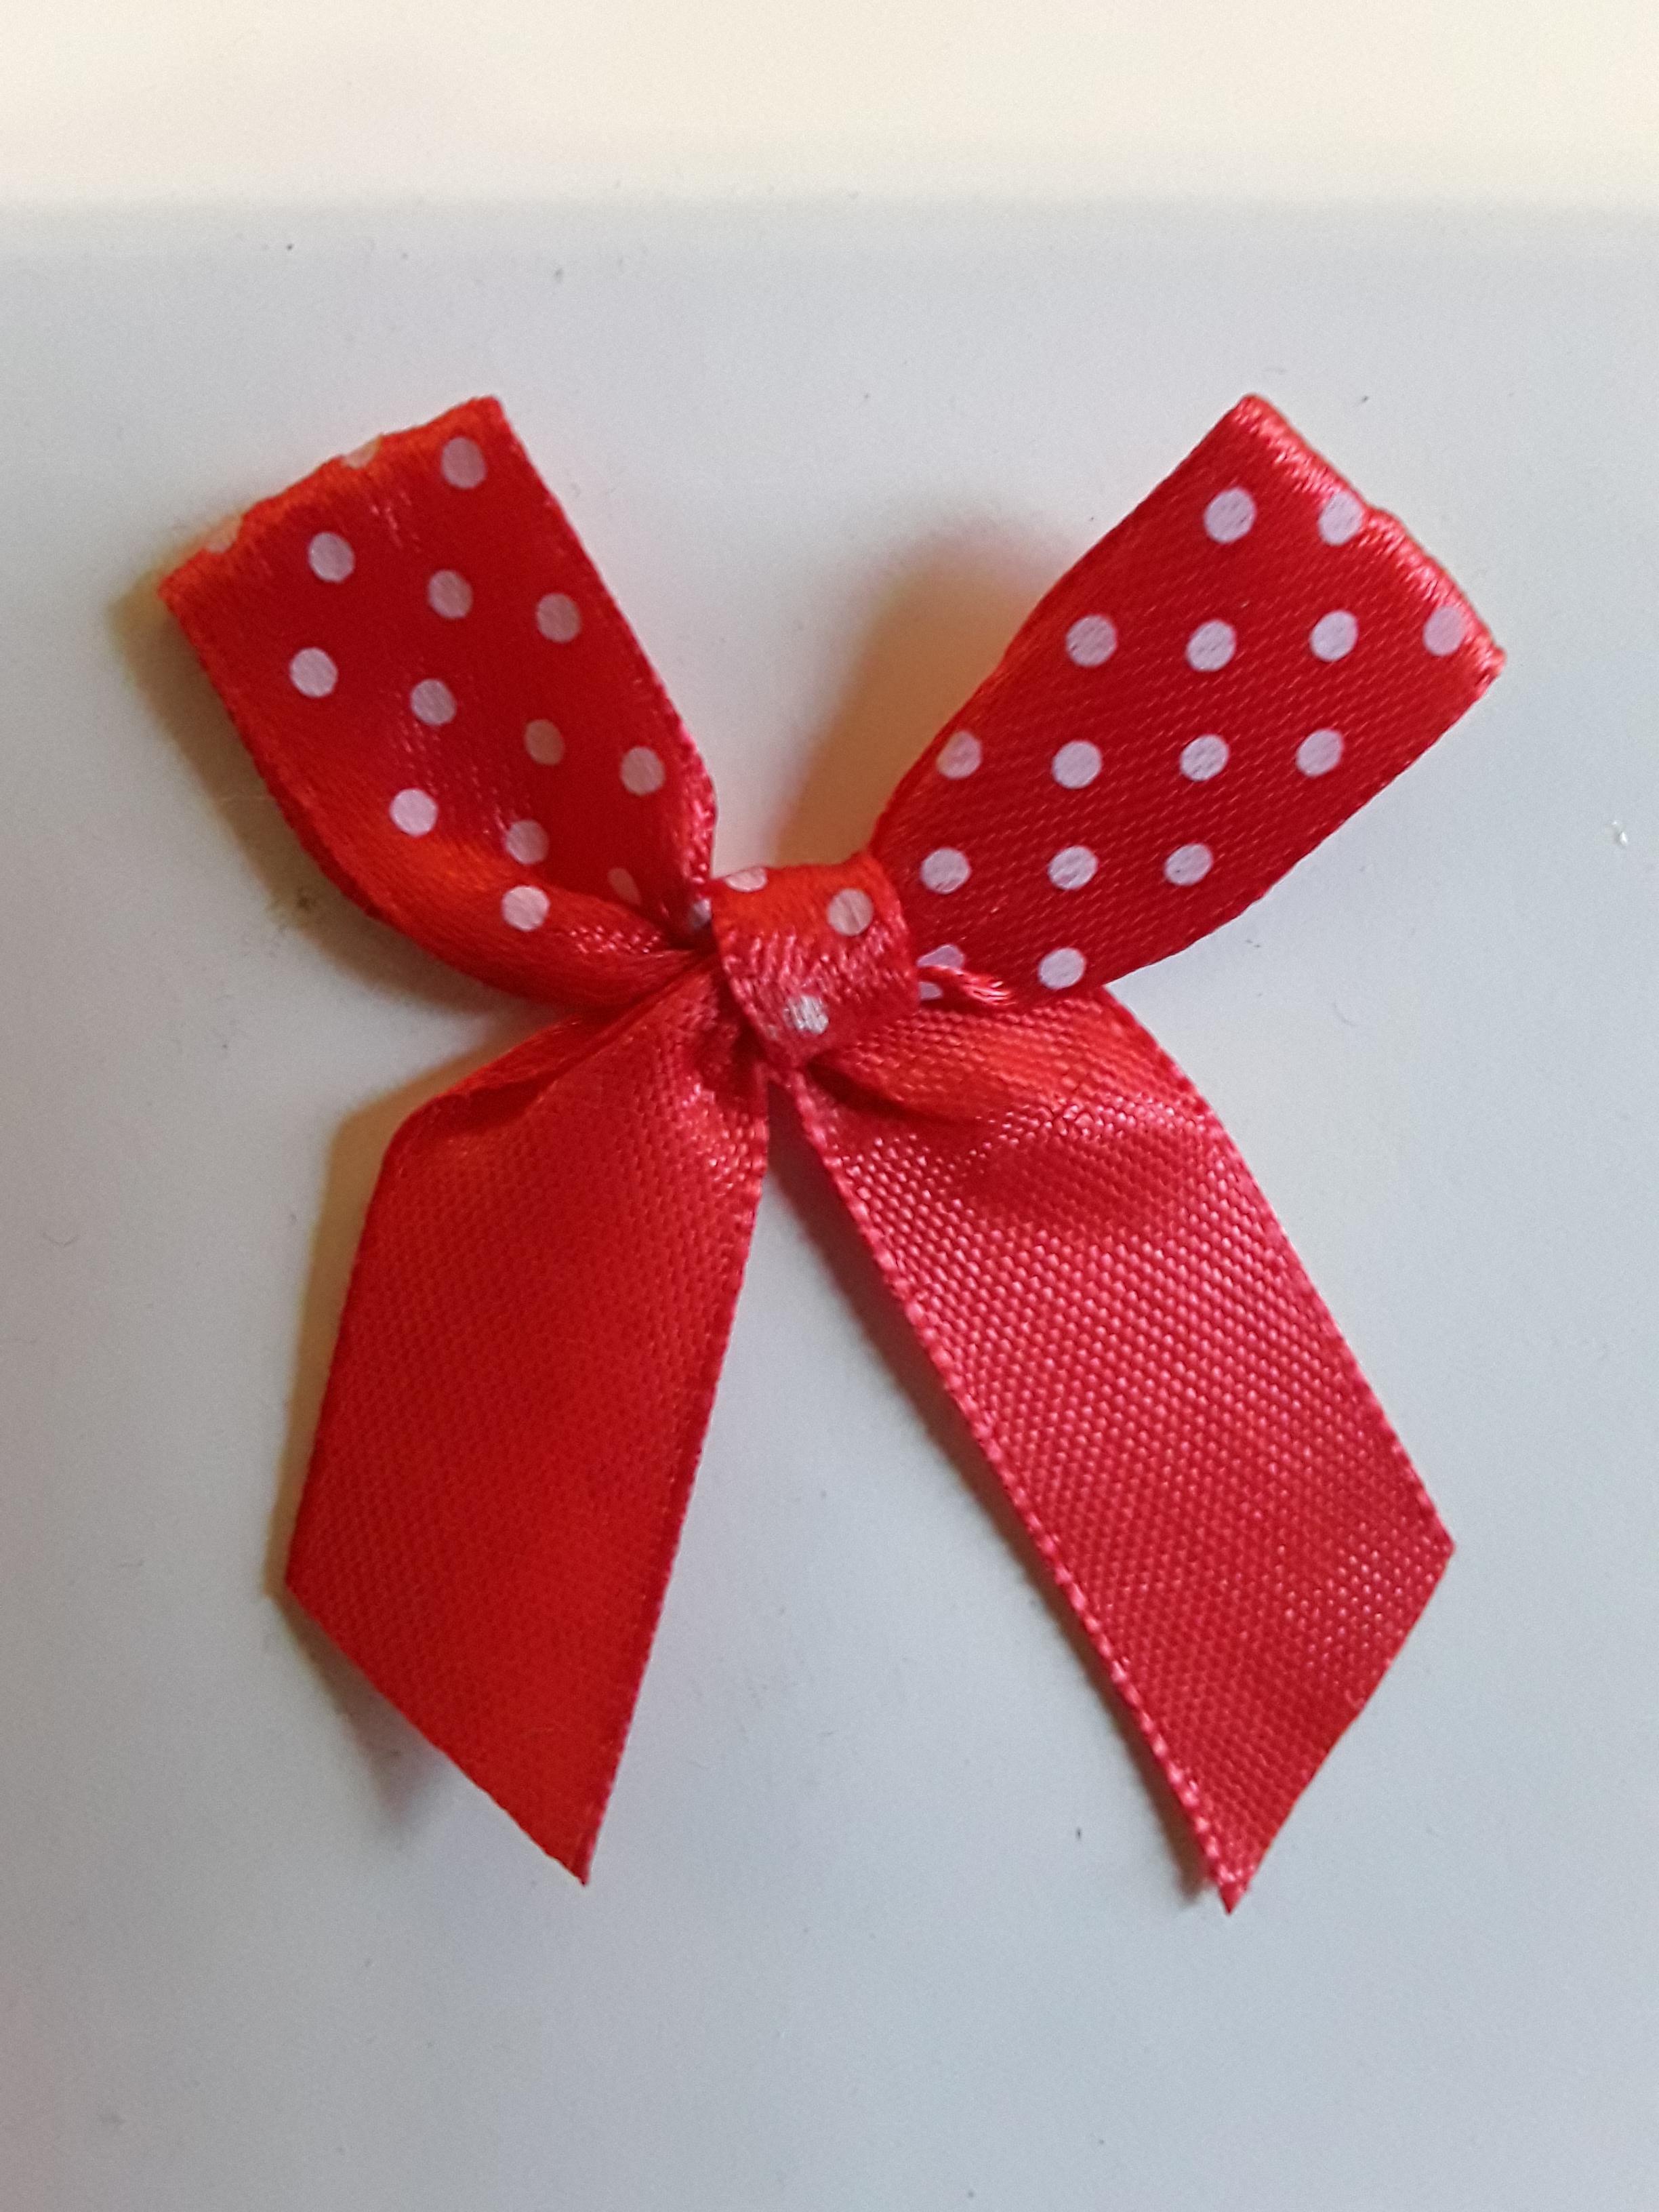 troc de troc petit noeud rouge en tissu image 2